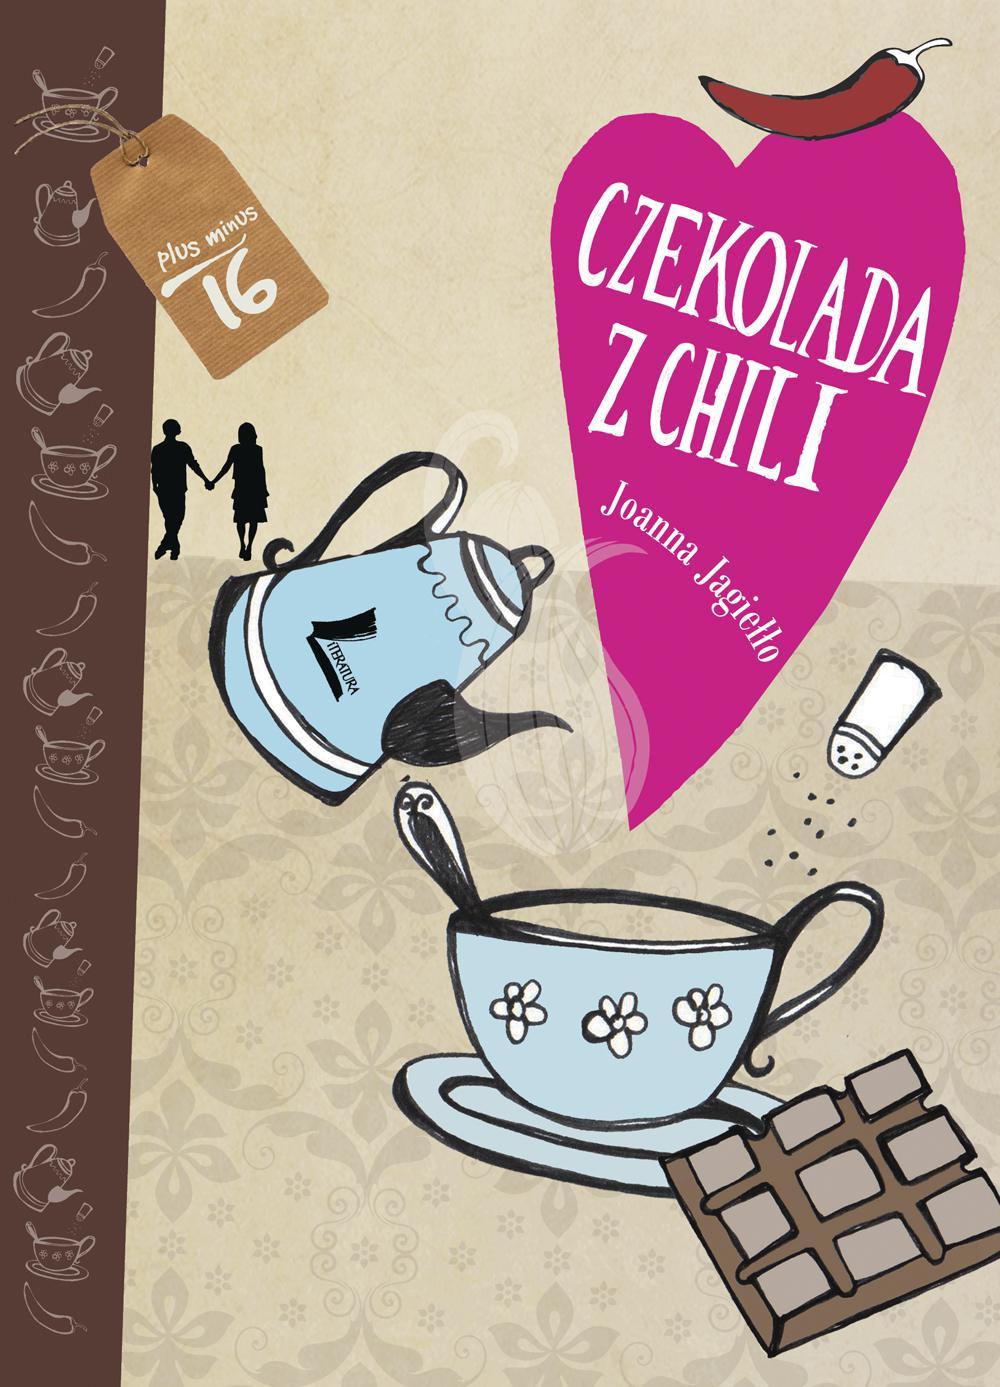 Czekolada z chili - Ebook (Książka EPUB) do pobrania w formacie EPUB